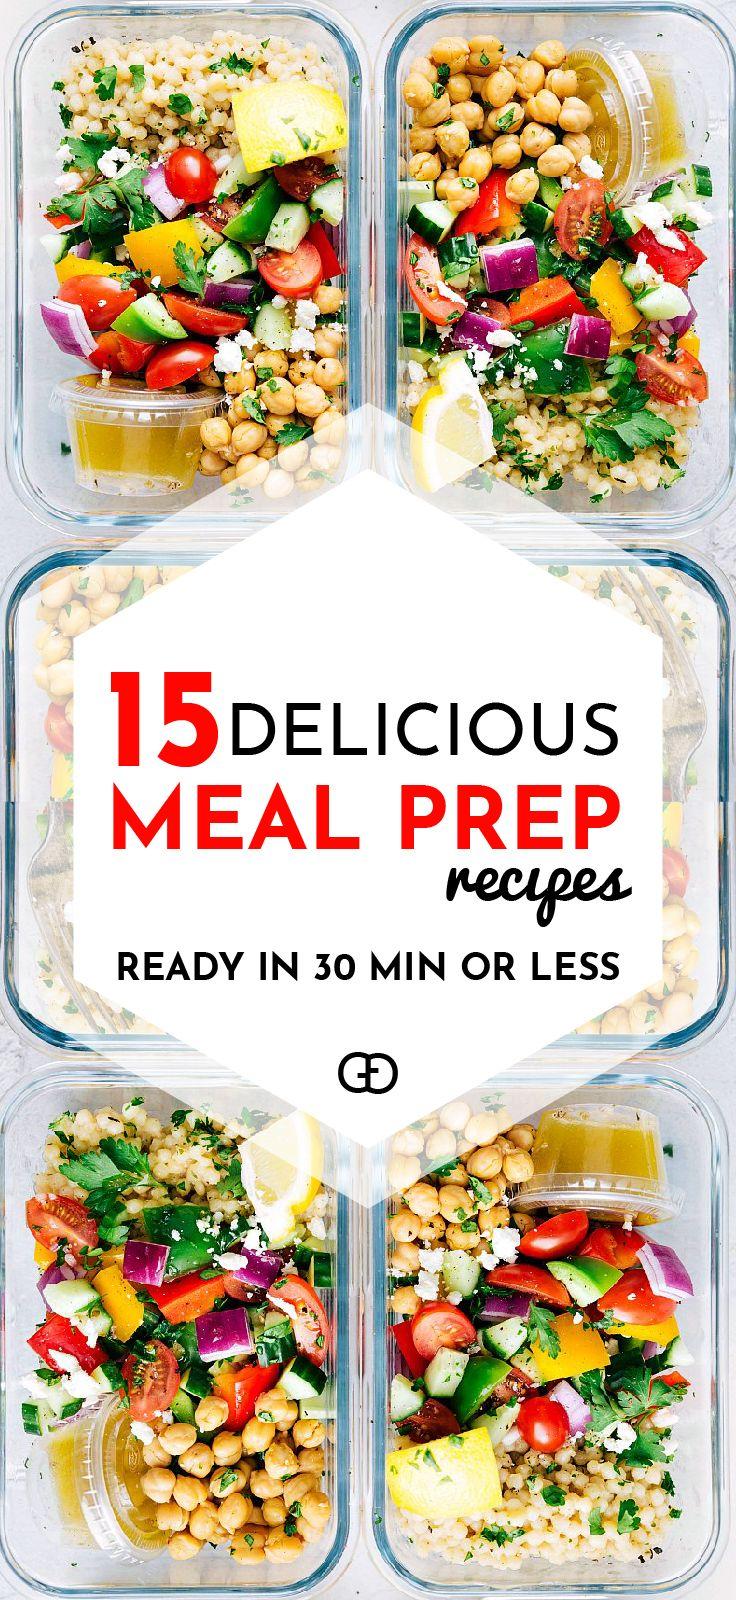 25 Healthy Meal Prep Ideas Recipe Easy Healthy Meal Prep